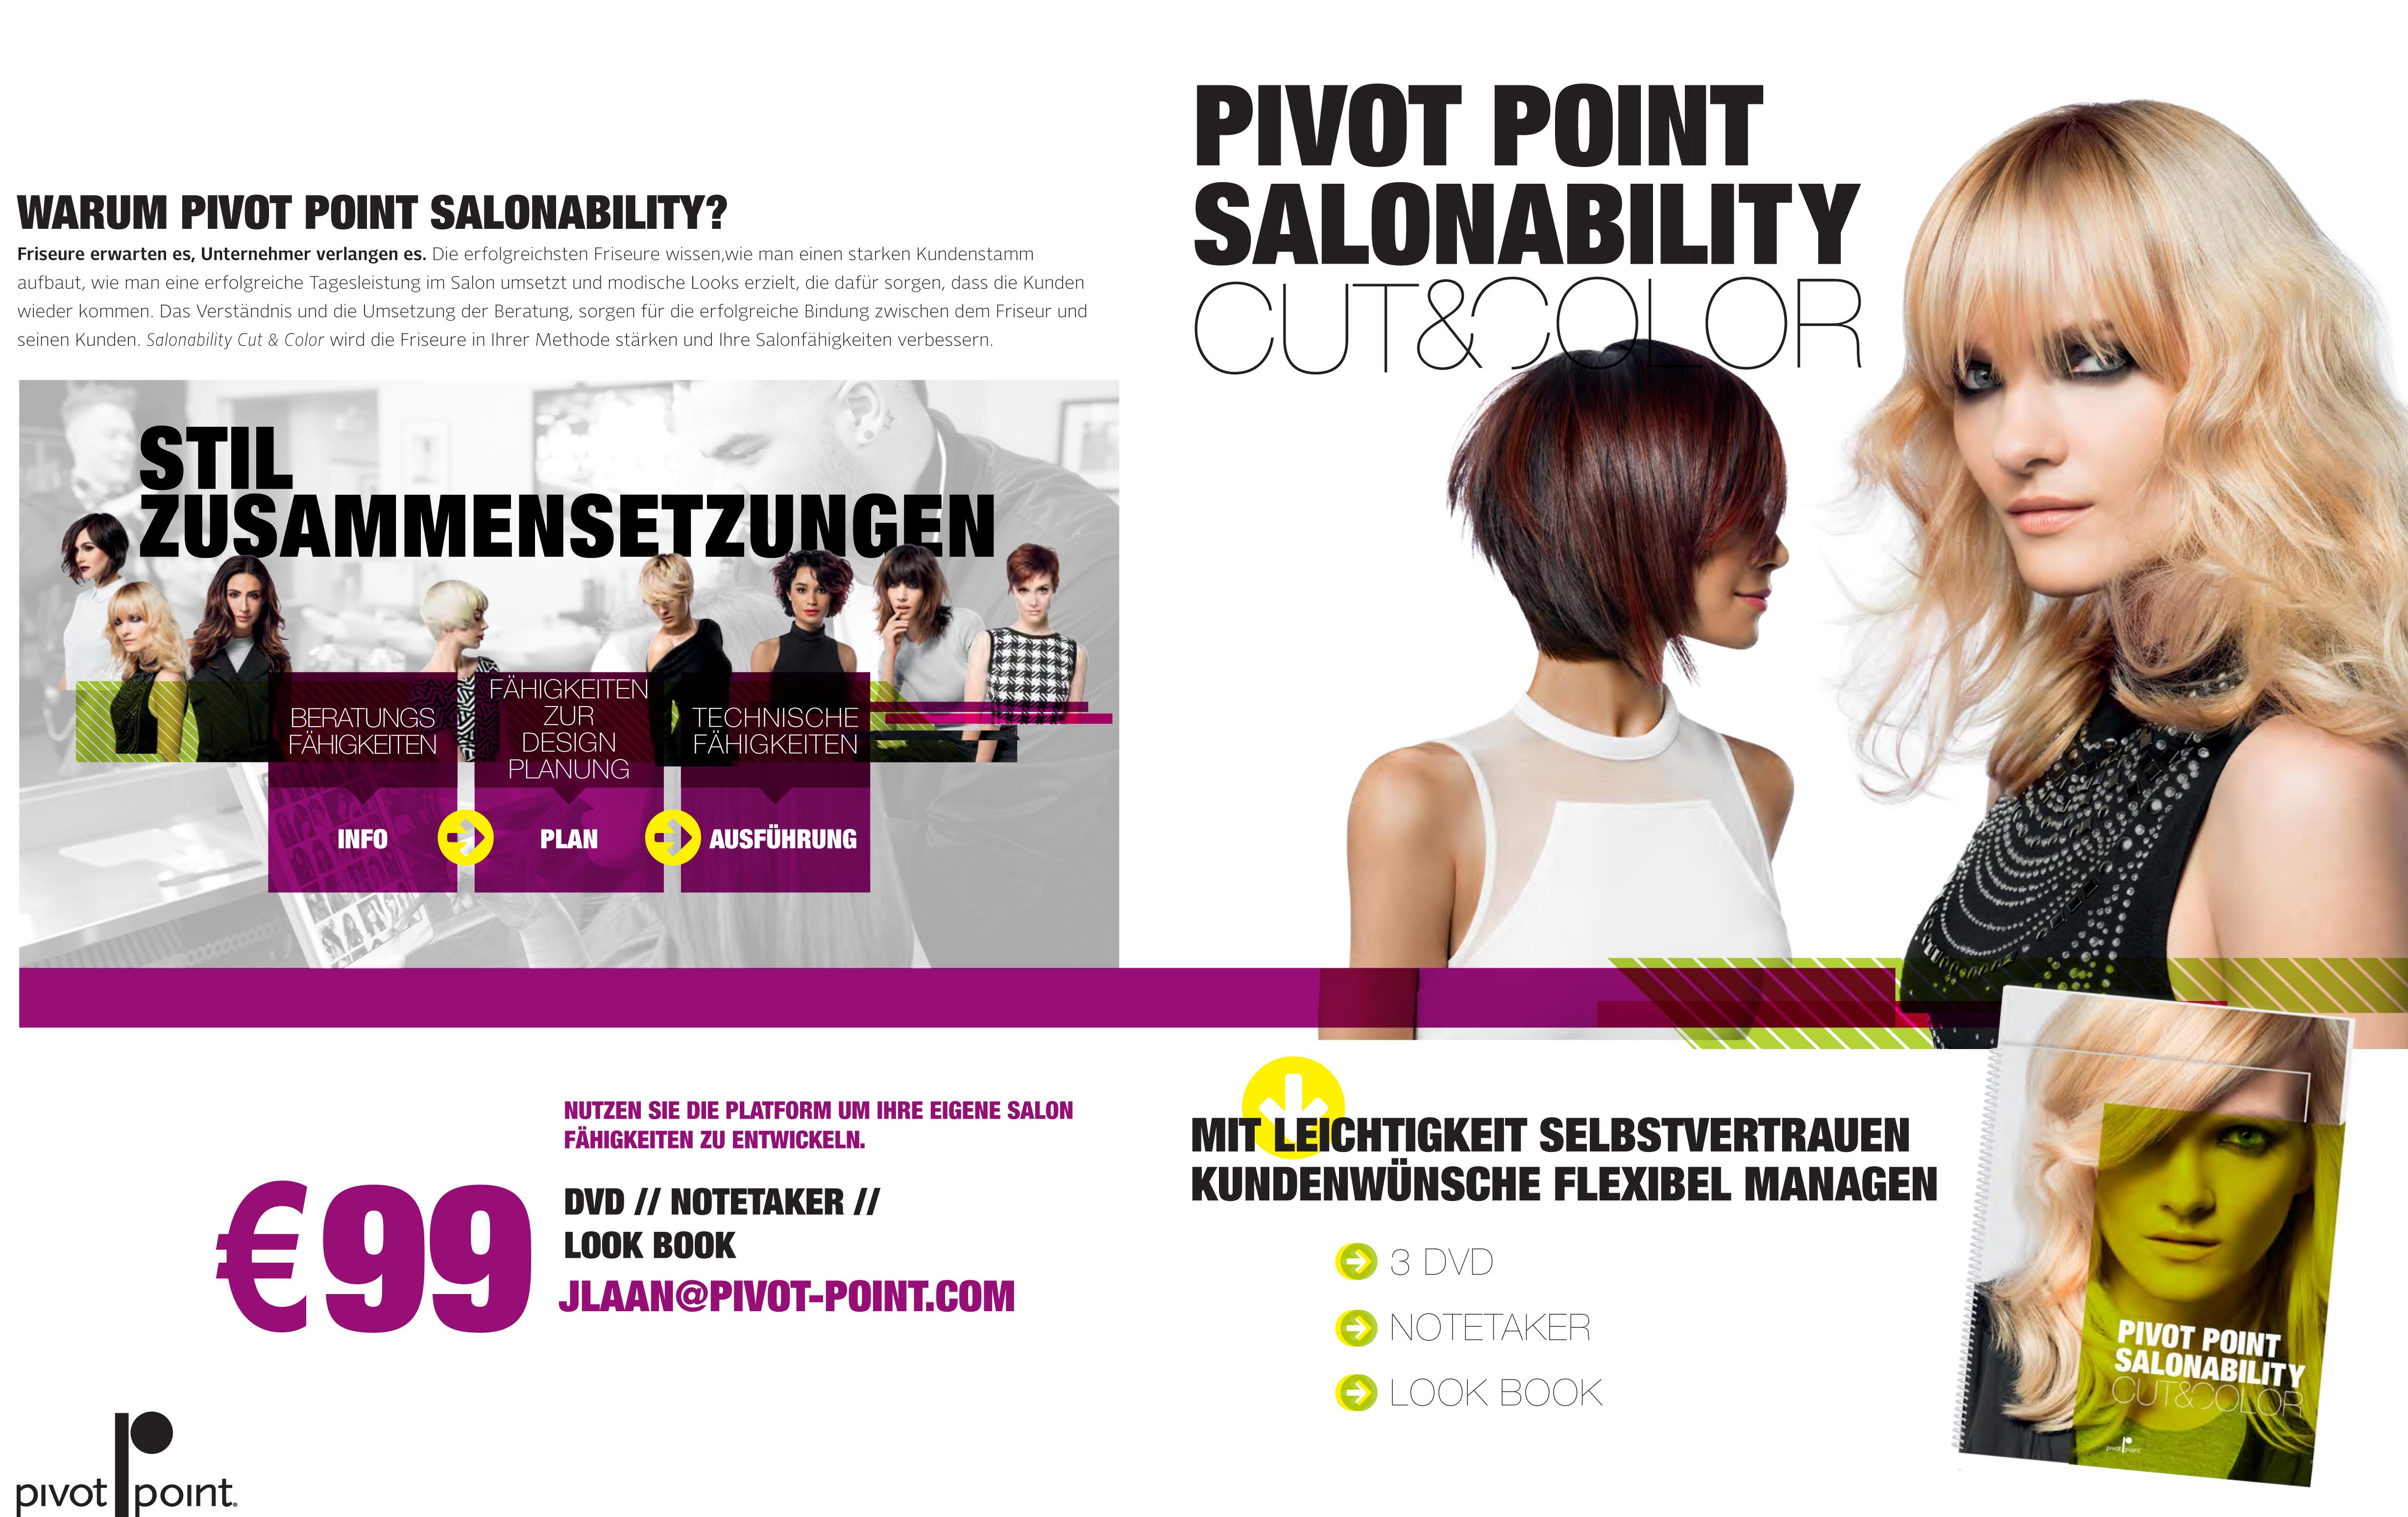 Salonability-Cut-&-Color_DE-1